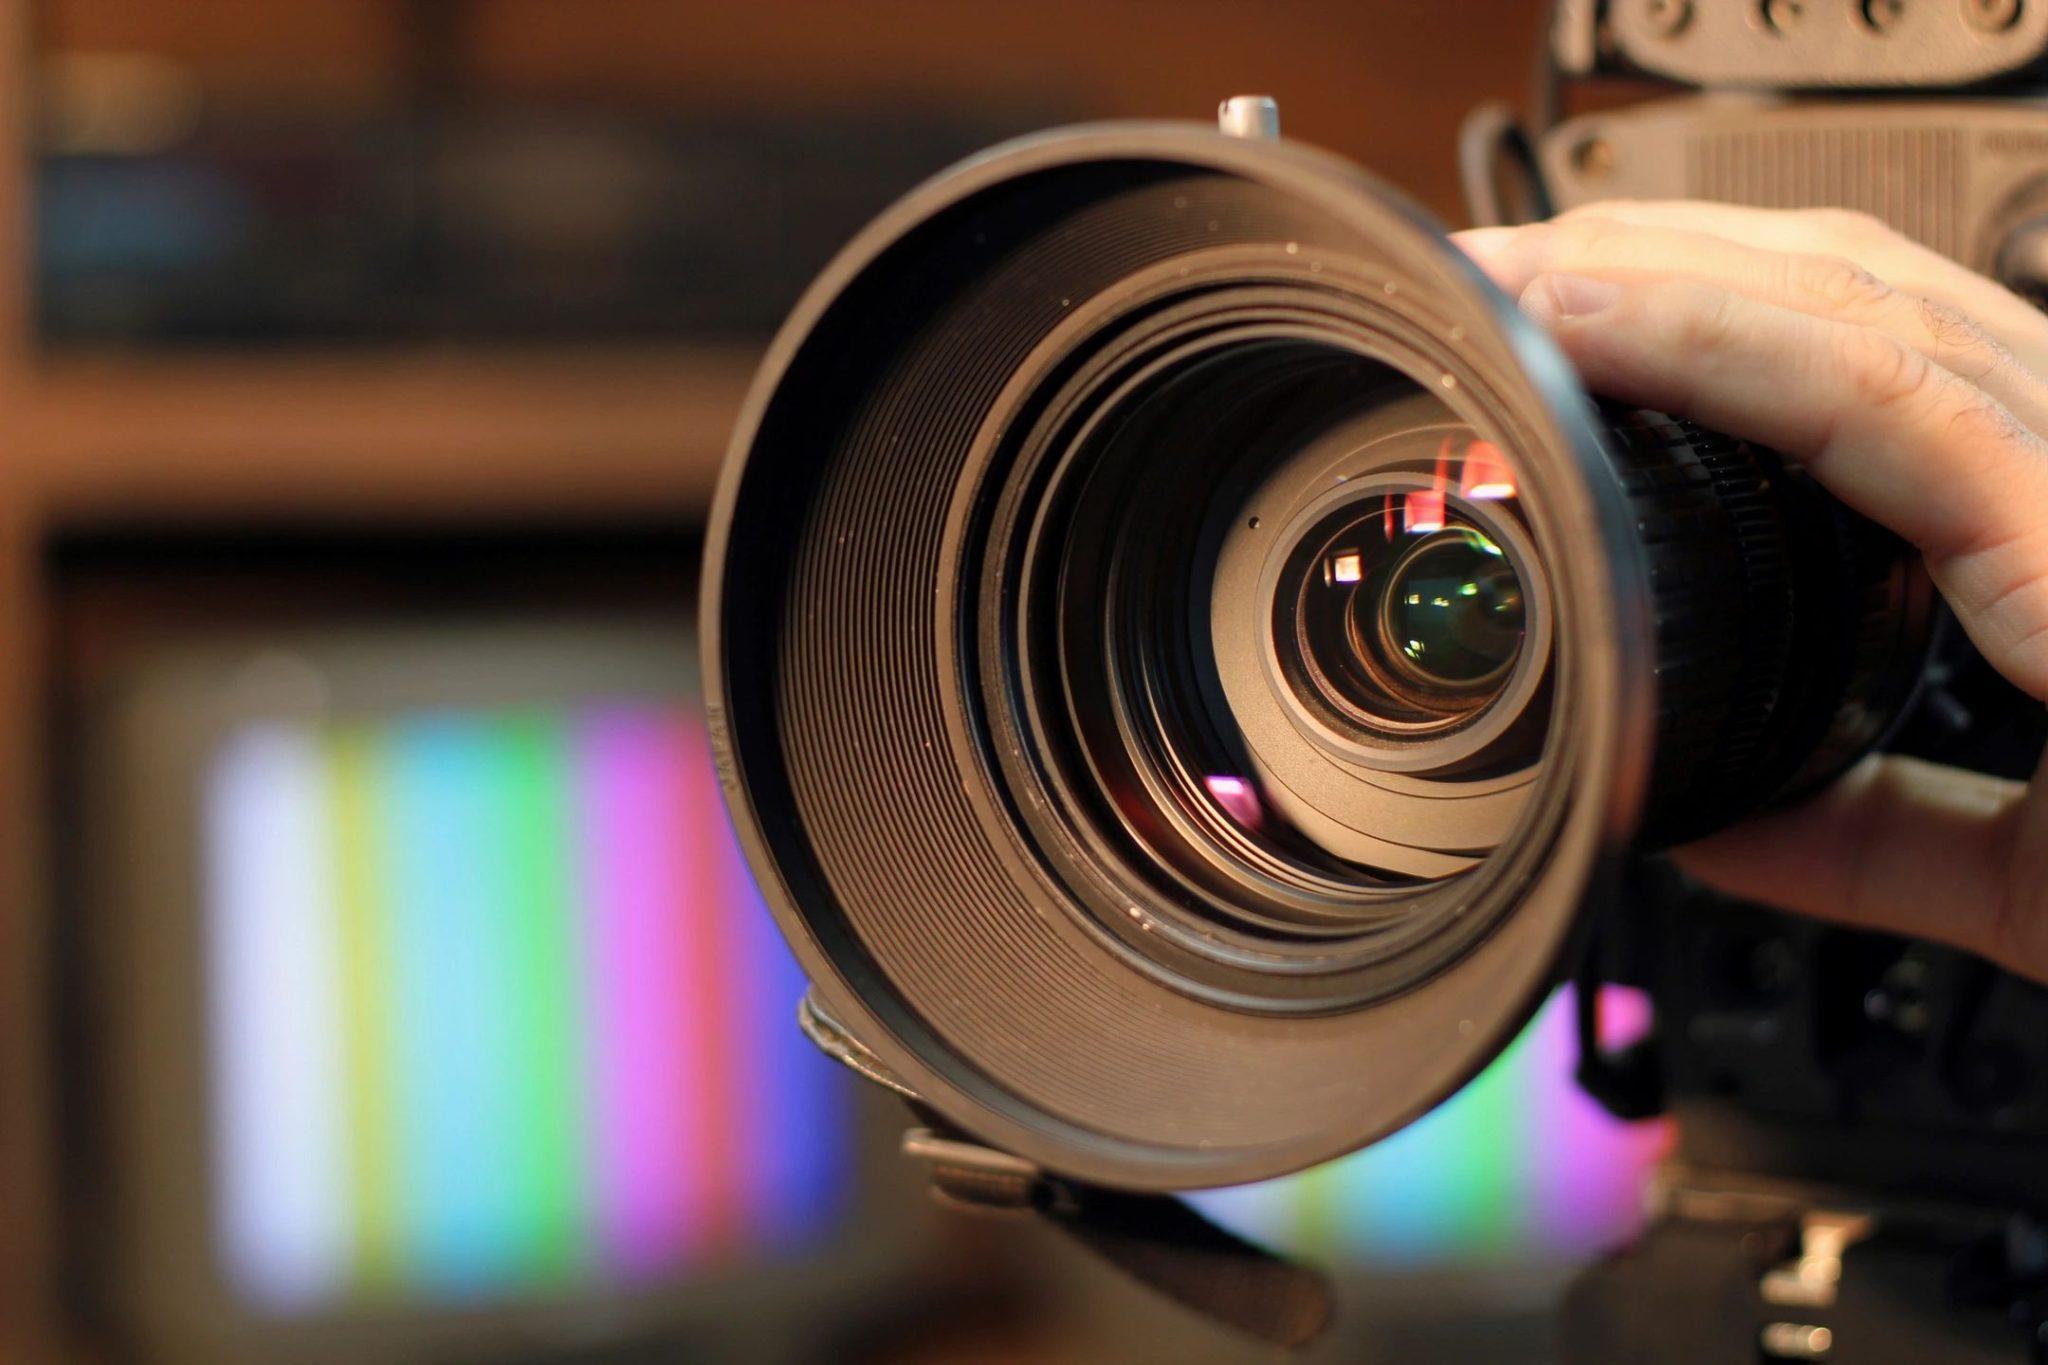 как выбрать фотоаппарат для репортажной съемки сделать цифру своими